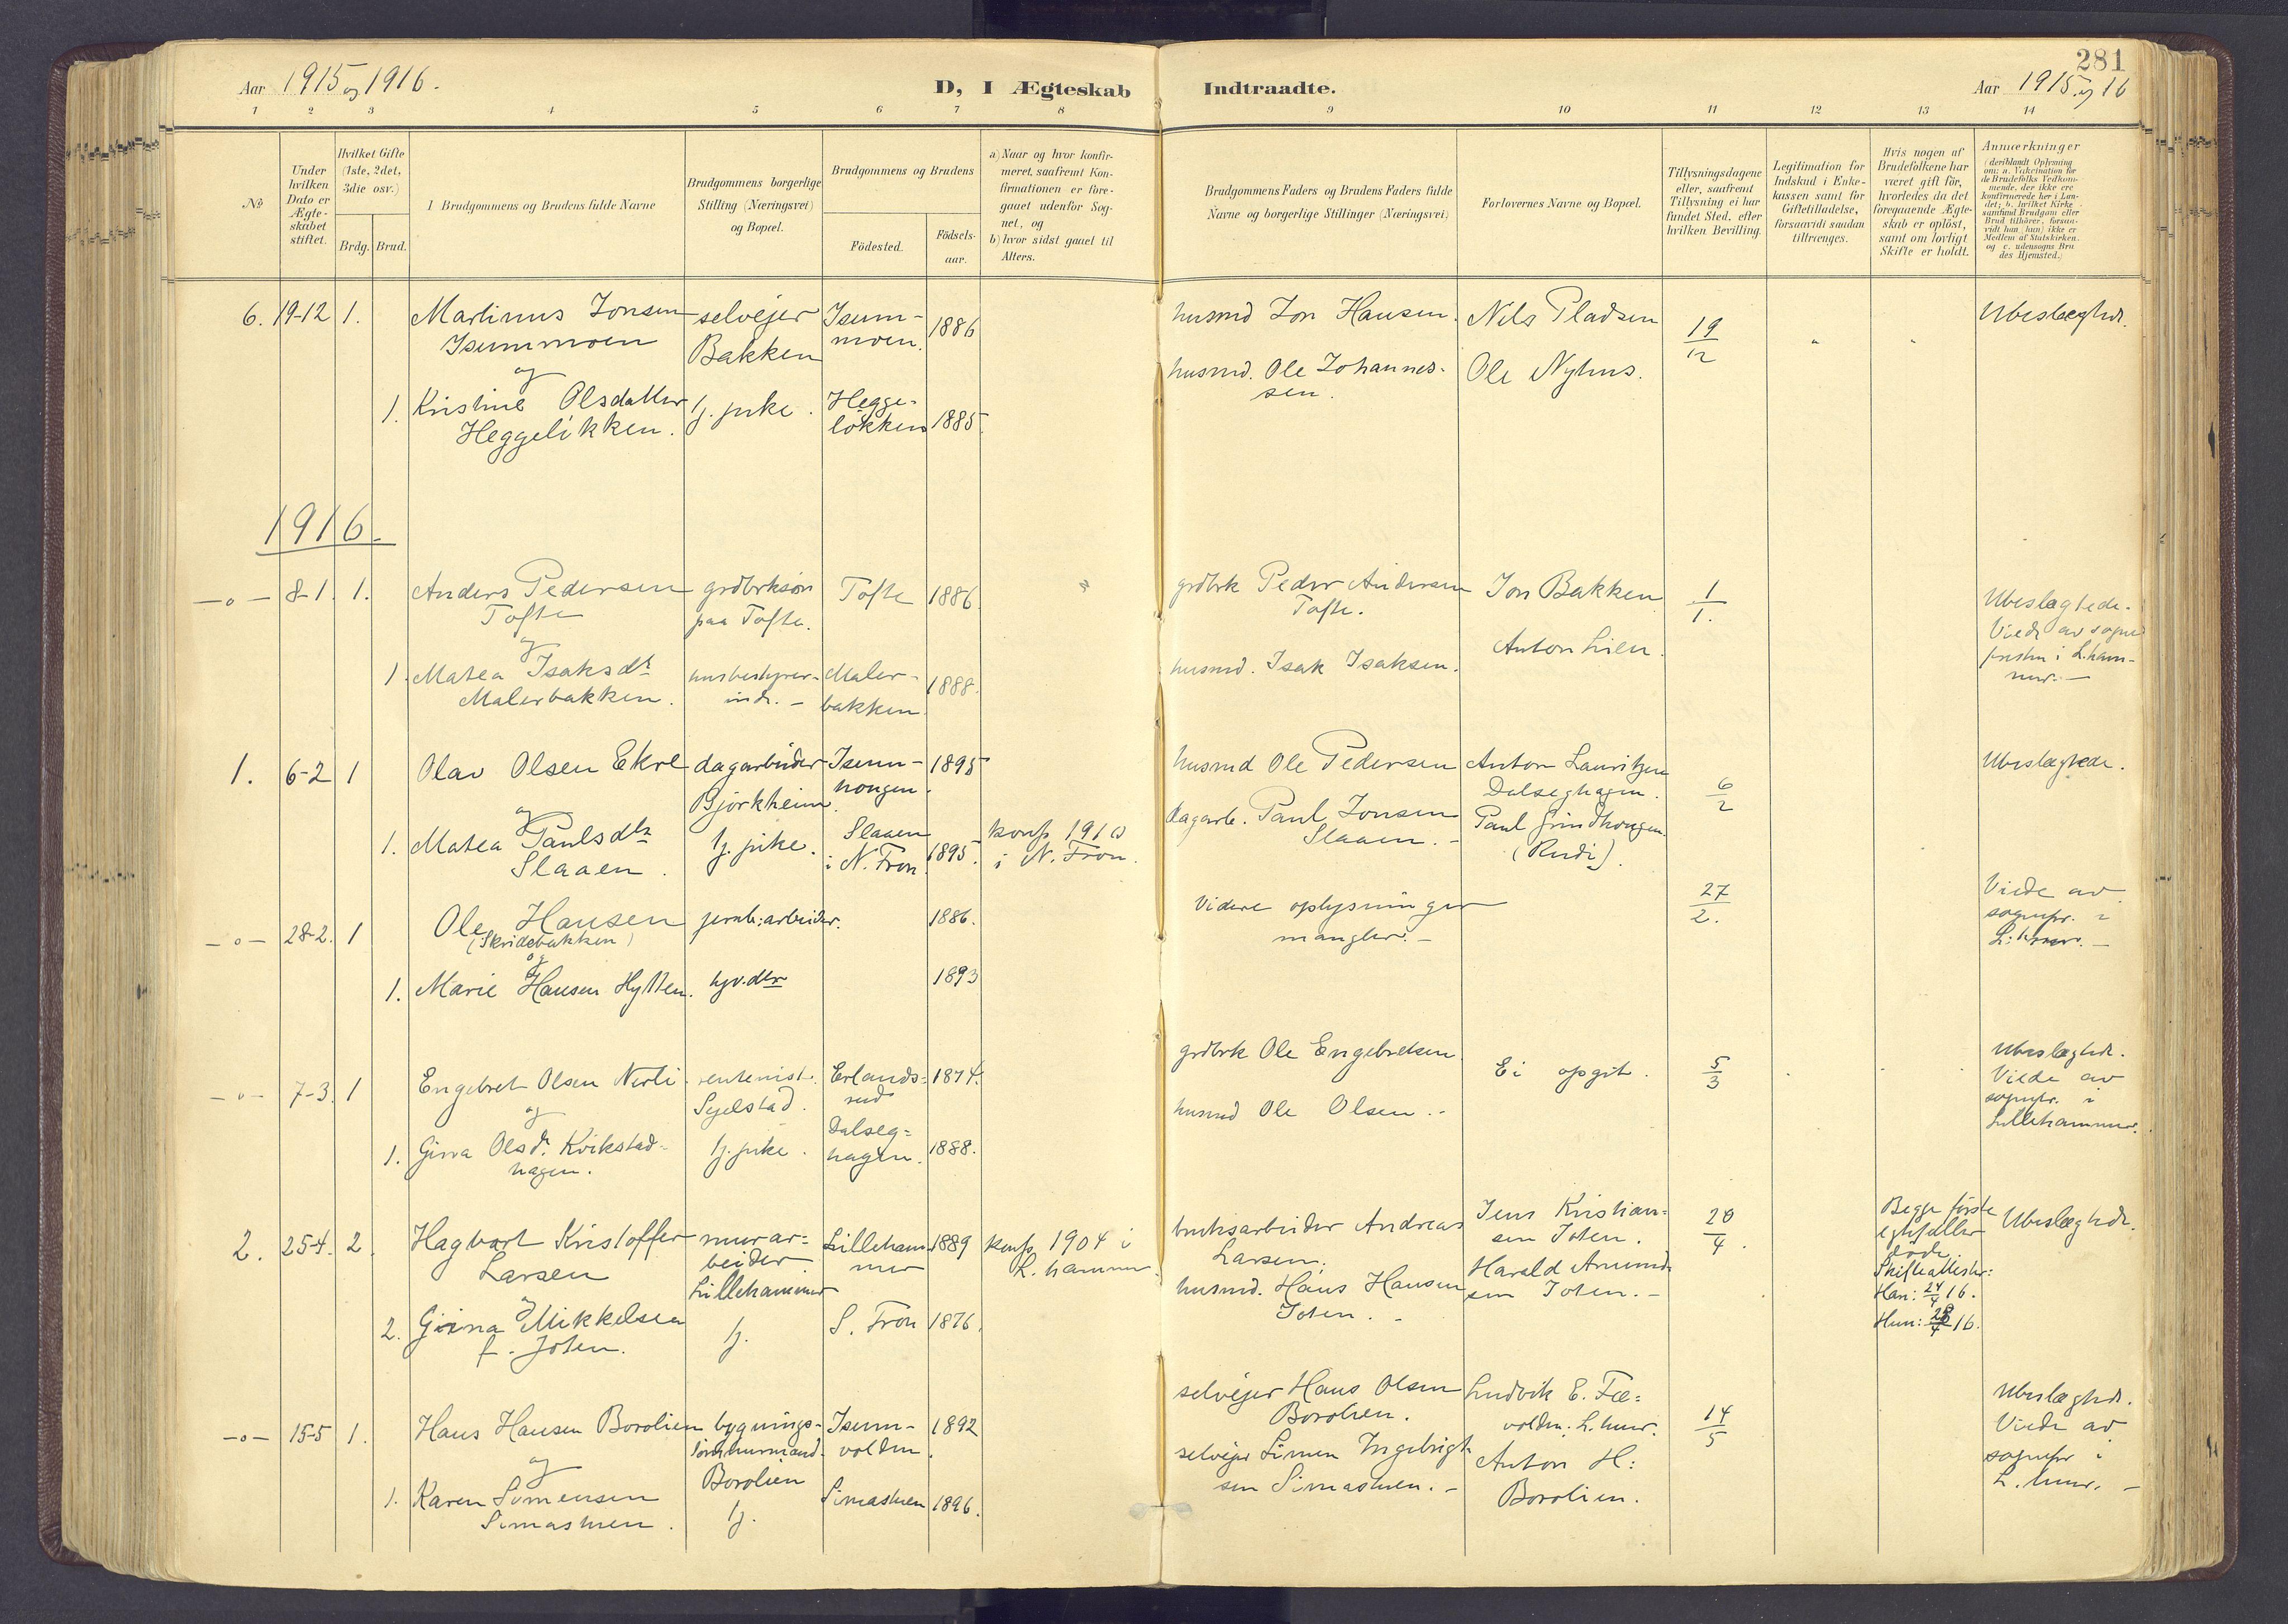 SAH, Sør-Fron prestekontor, H/Ha/Haa/L0004: Ministerialbok nr. 4, 1898-1919, s. 281